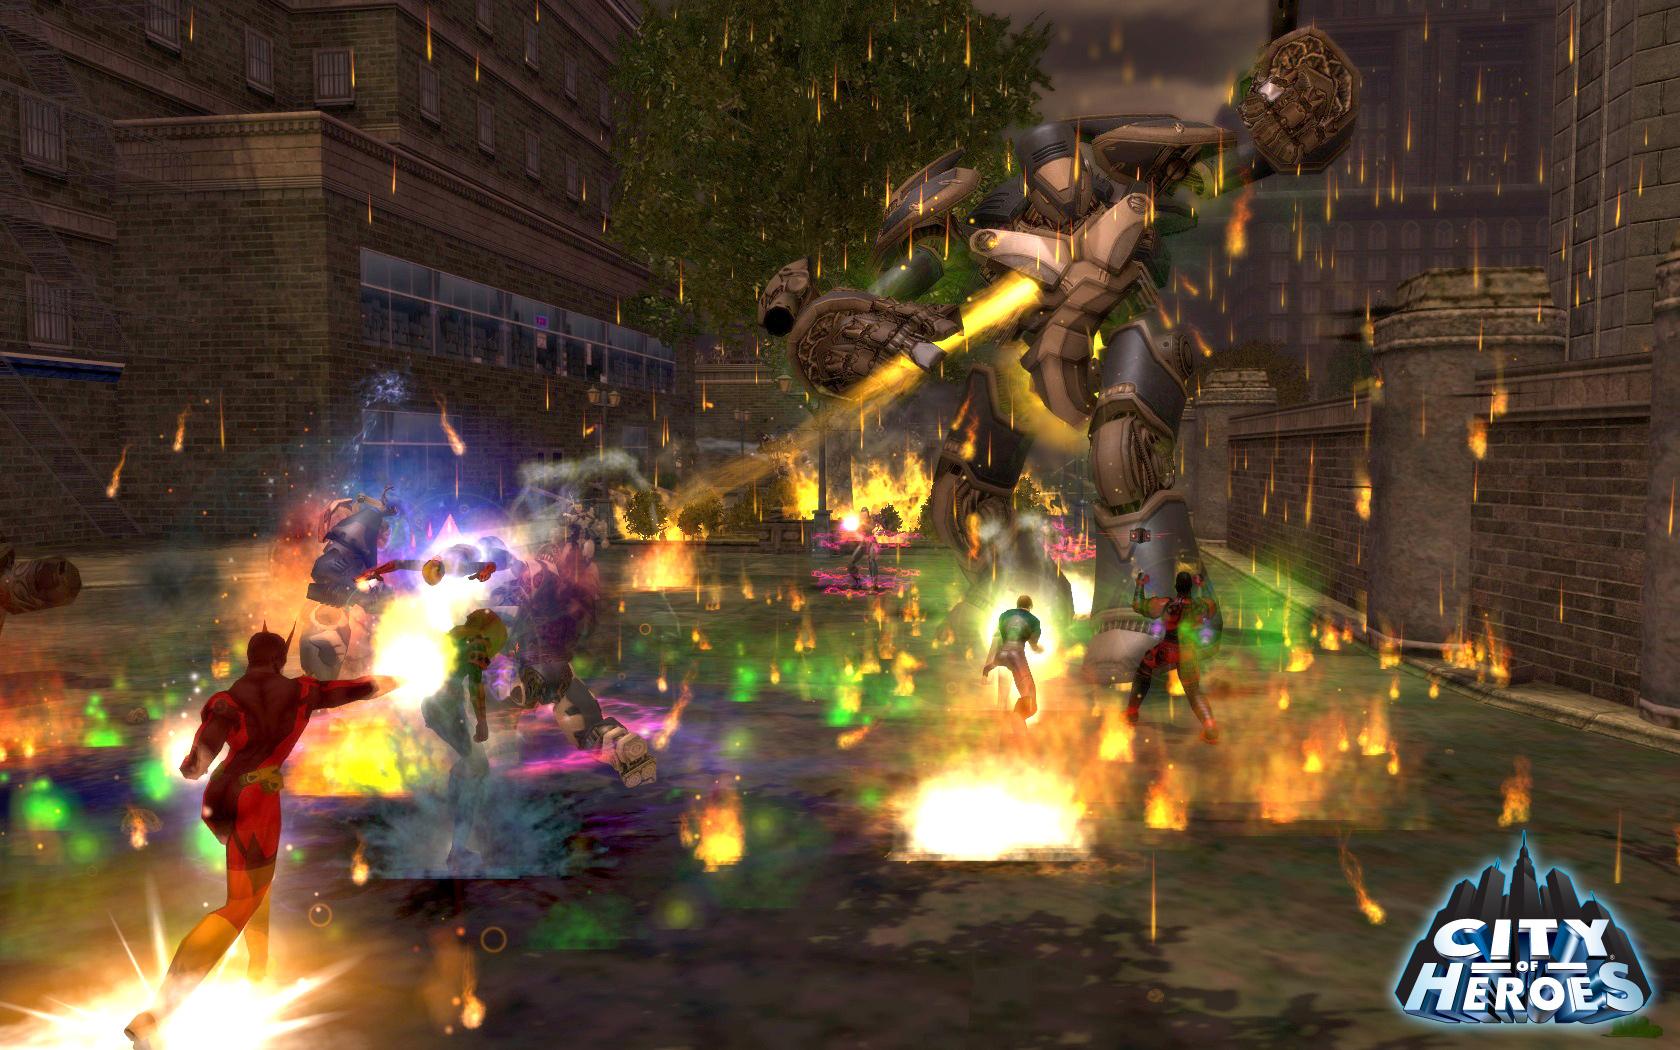 City of Heroes (2004): sans conteste la plus populaire franchise de super-héros inventée pour le jeu vidéo.